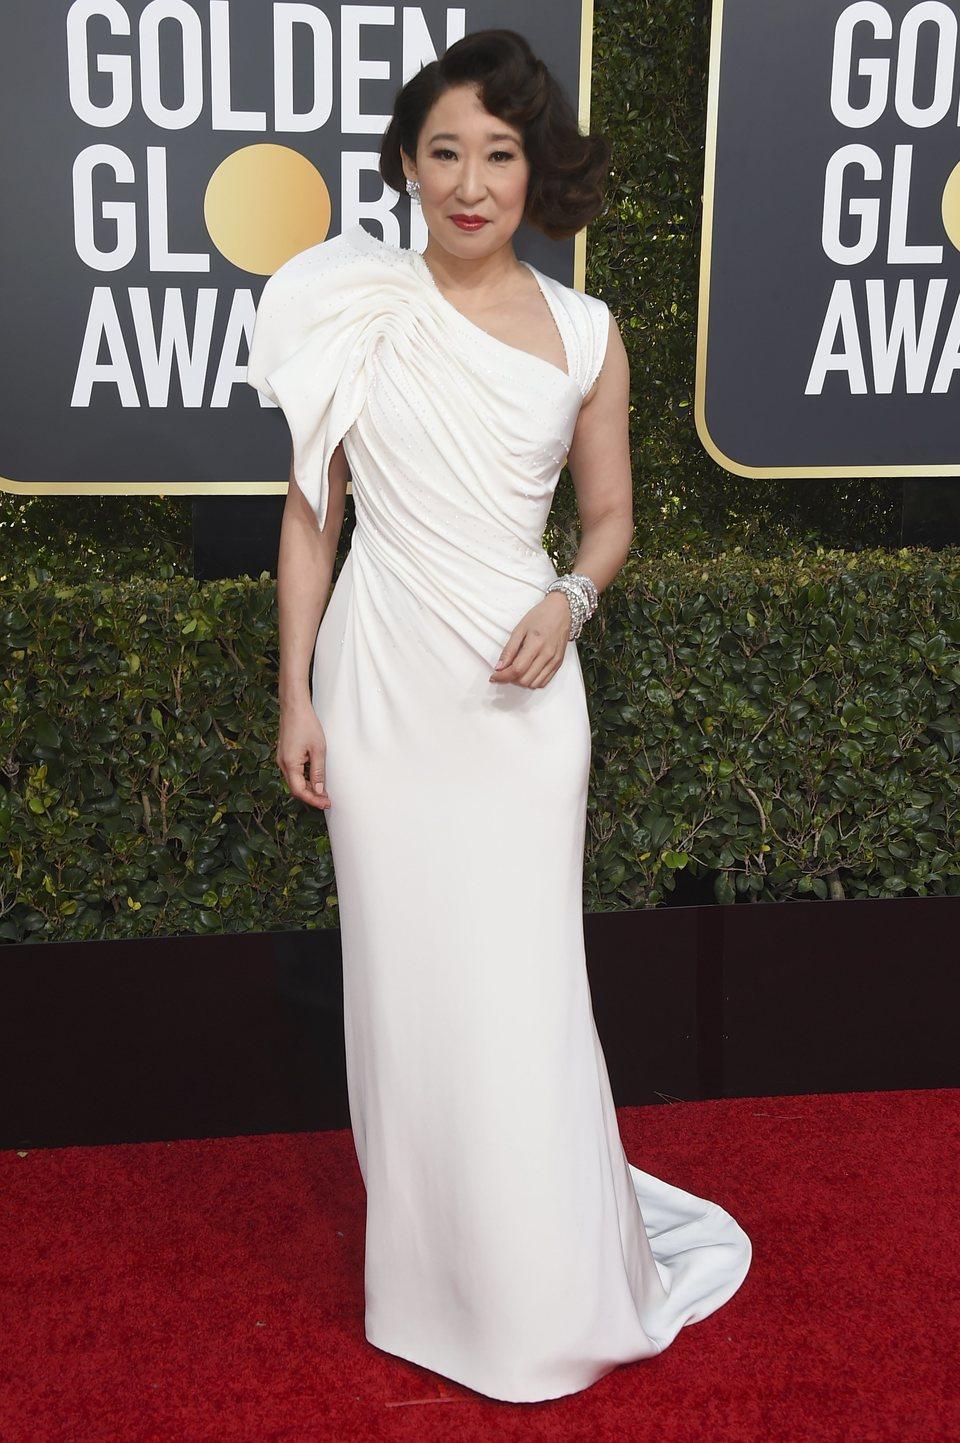 Sandra Oh en la alfombra roja de los Globos de Oro 2019